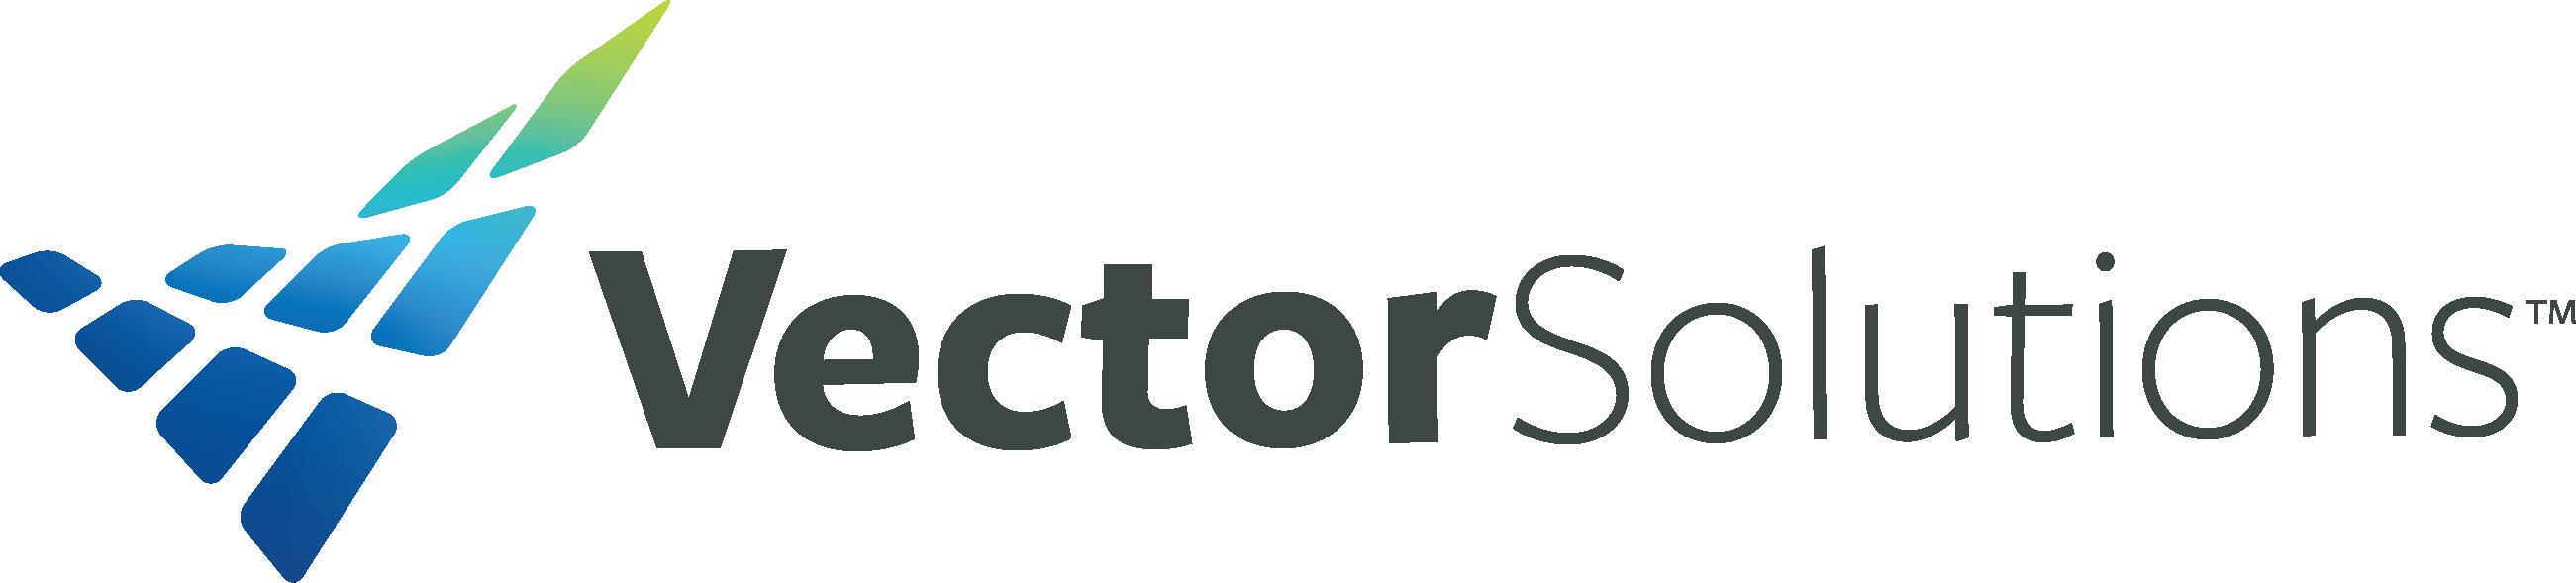 VectorSolutions_Logo_Color (1)-1